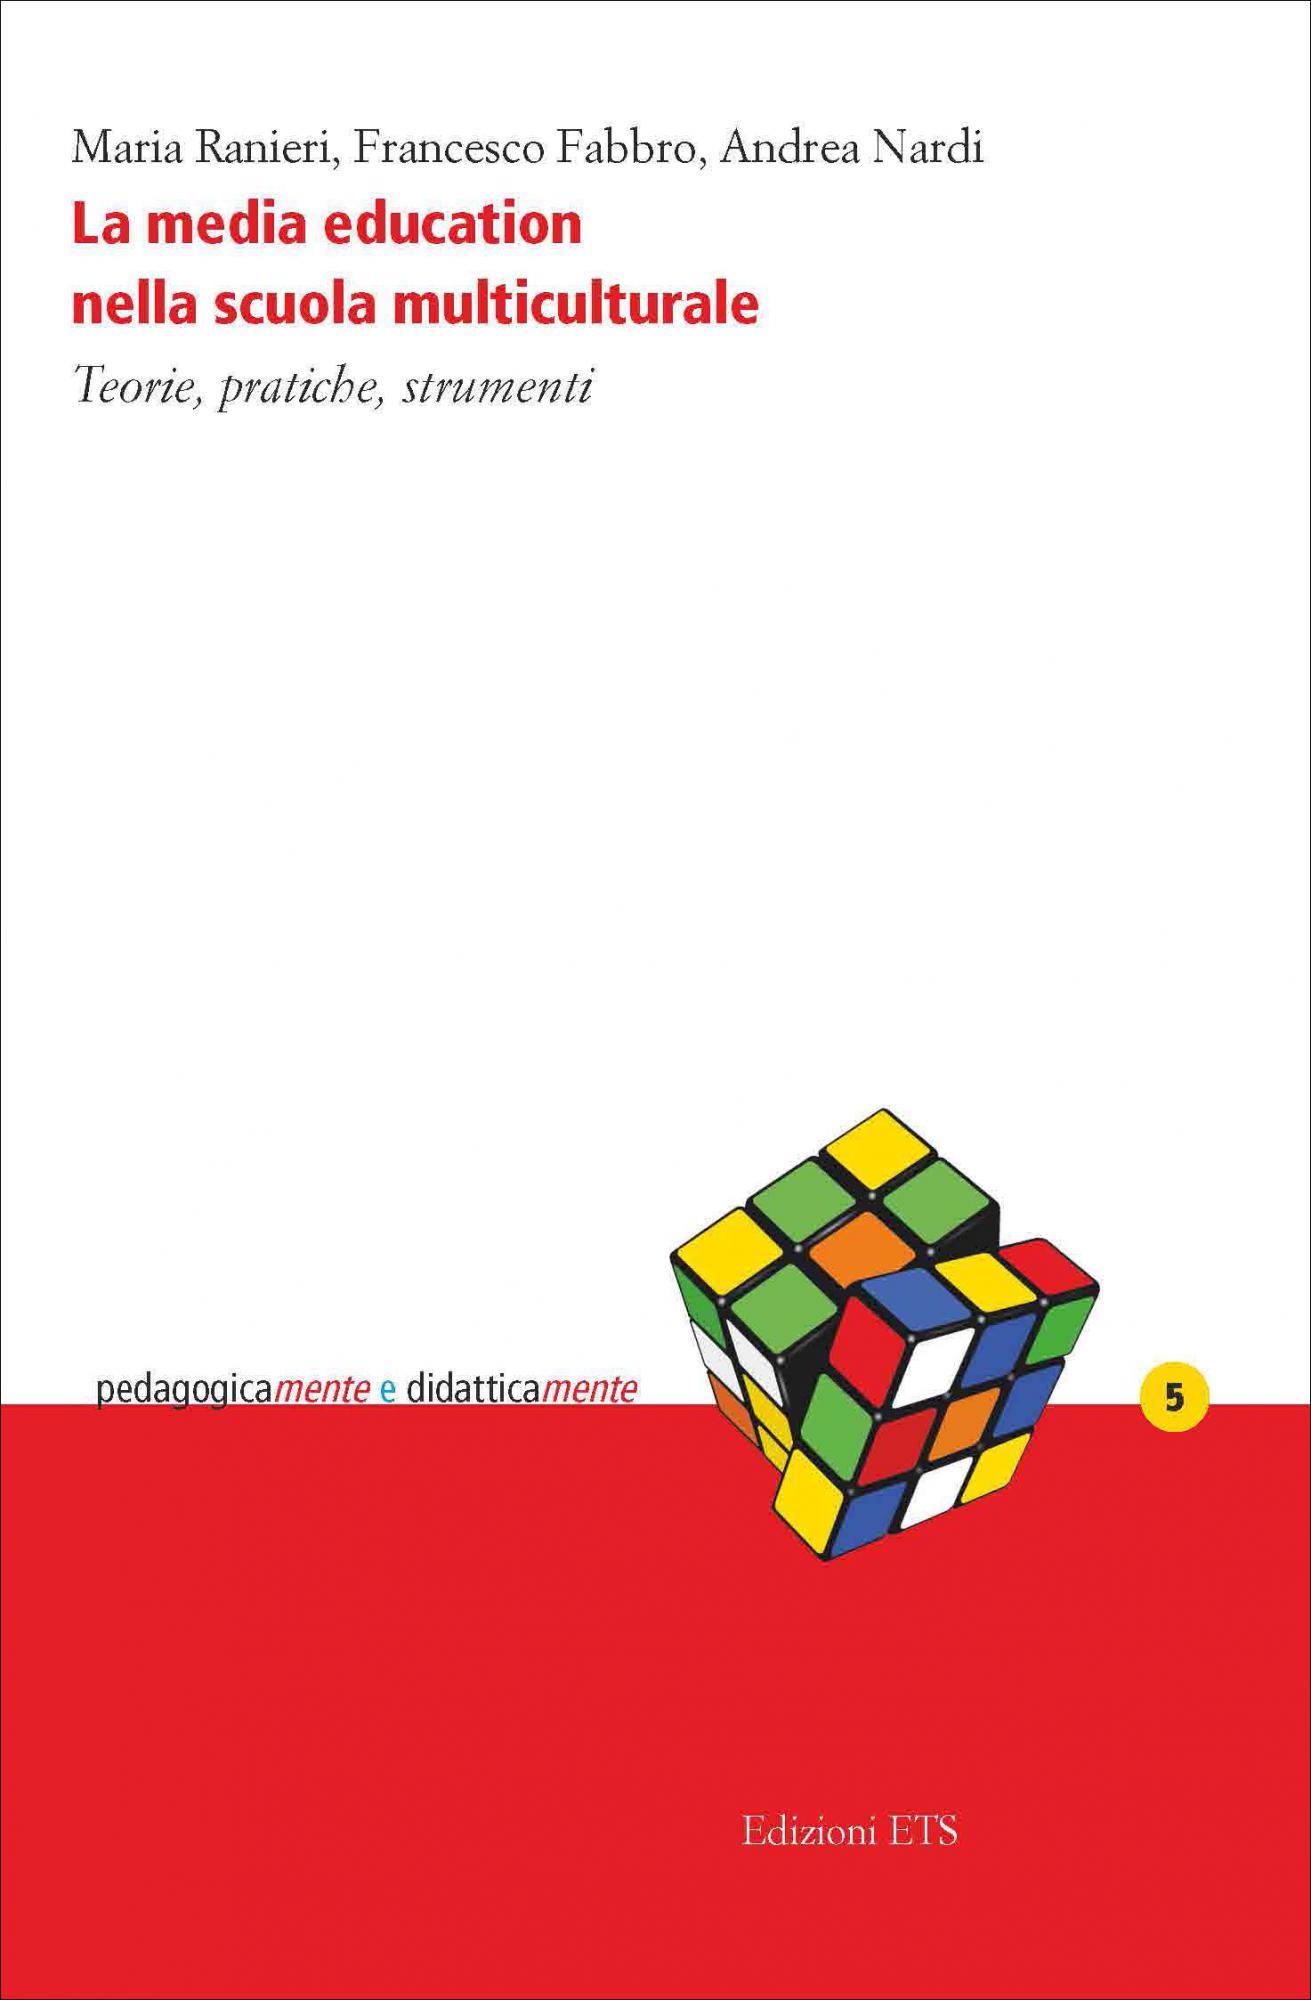 La media education nella scuola multiculturale.Teorie, pratiche, strumenti